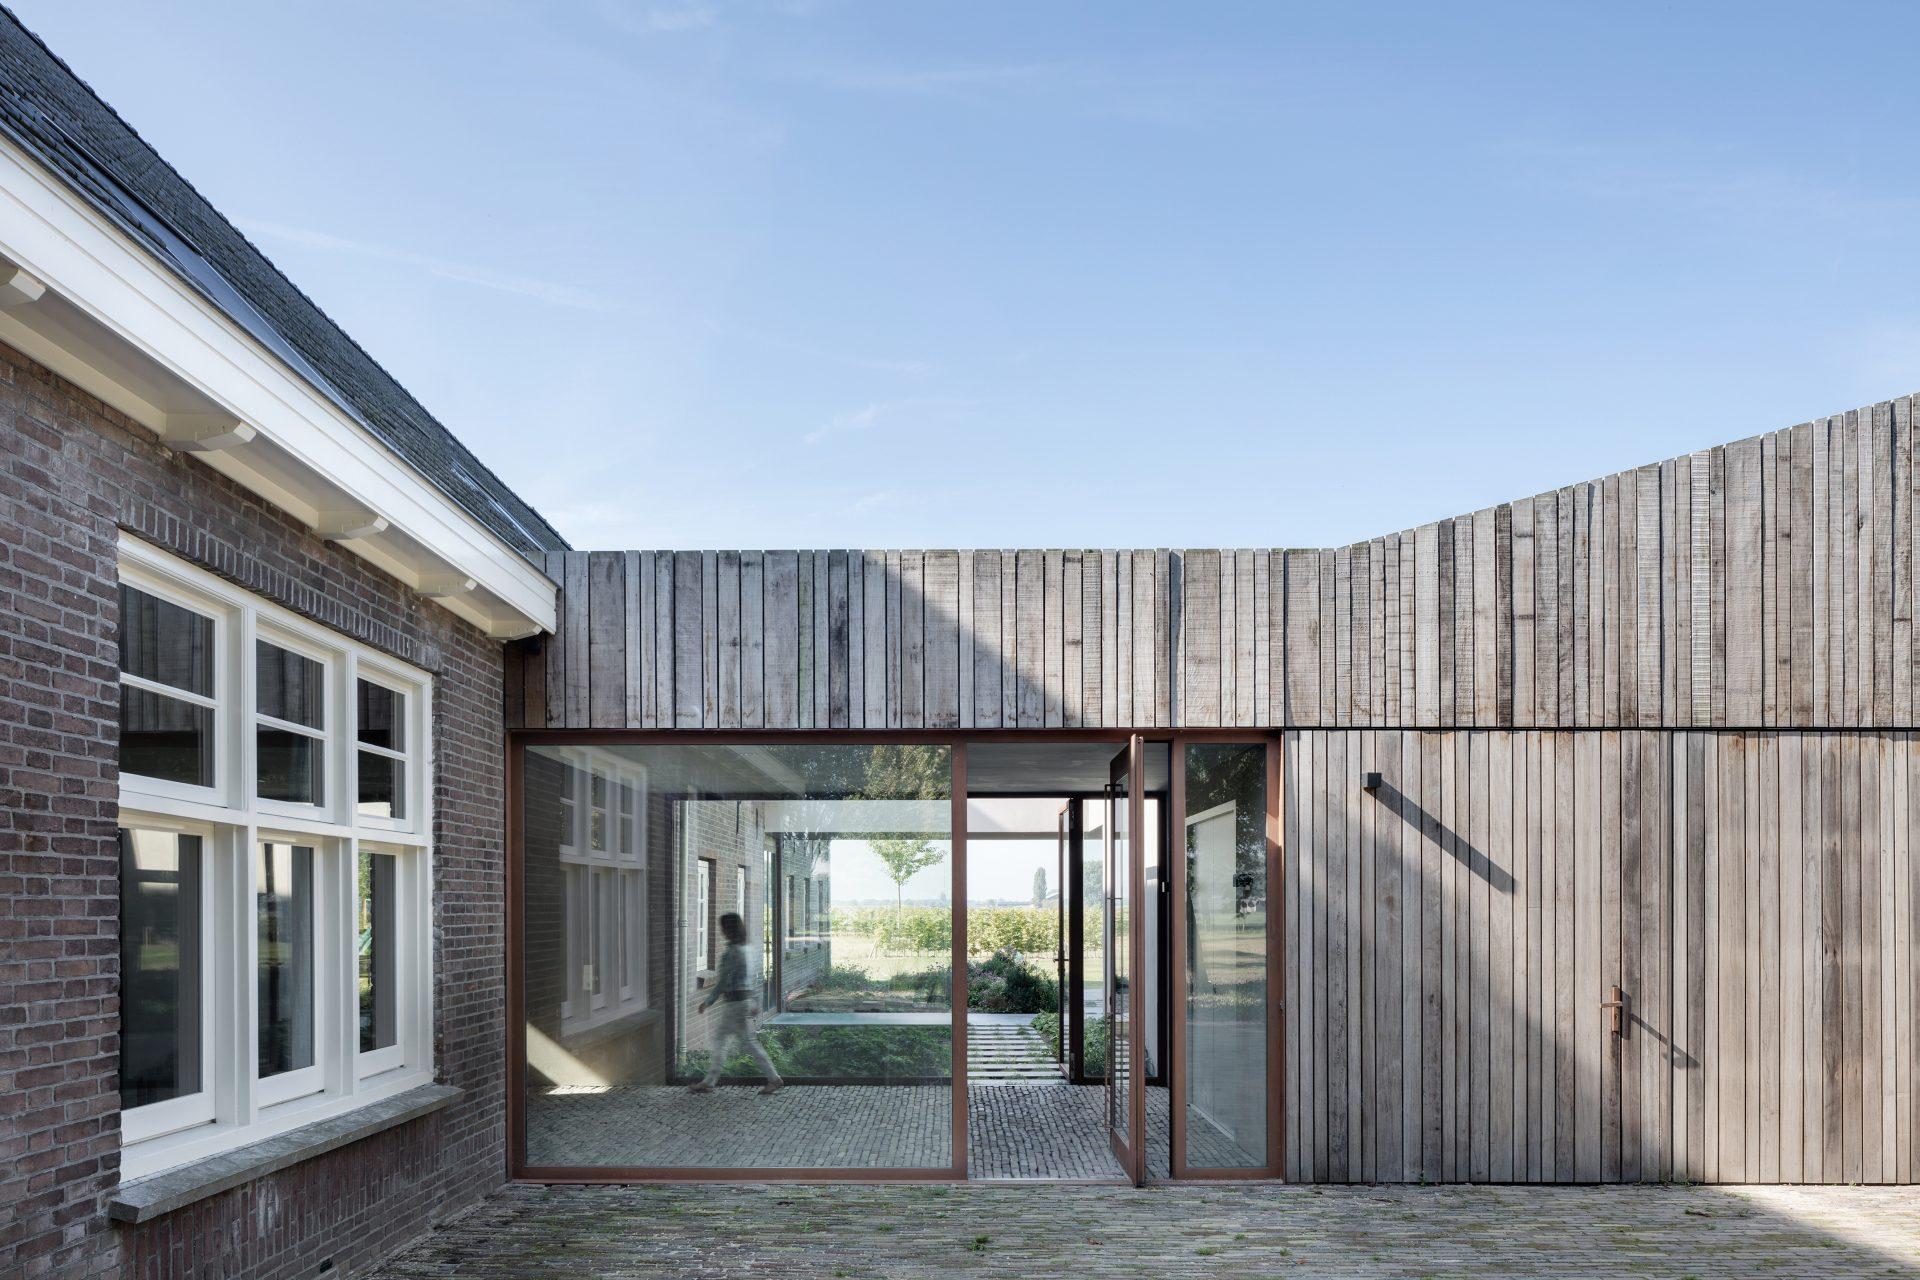 taatsdeur-hout-pivot-deur-in-de-aanbouw-fritsjurgens.jpg